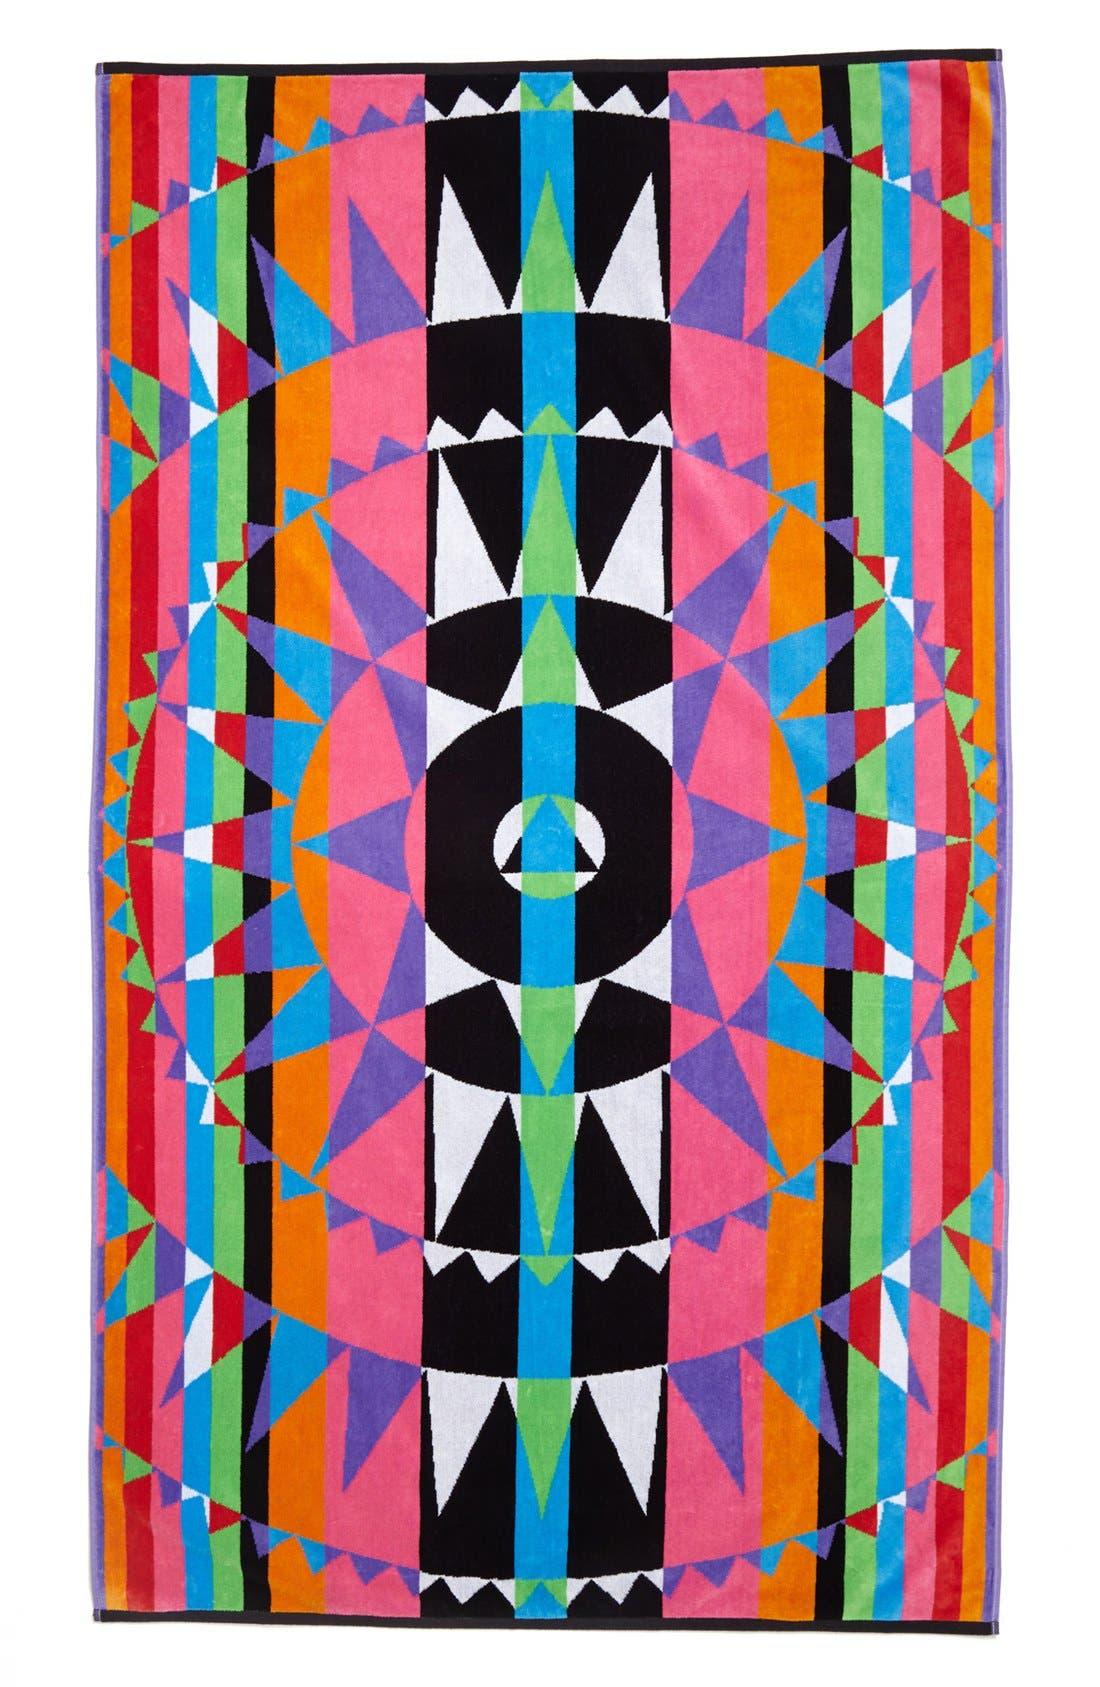 Alternate Image 1 Selected - Mara Hoffman for Pendleton 'Shakti' Towel